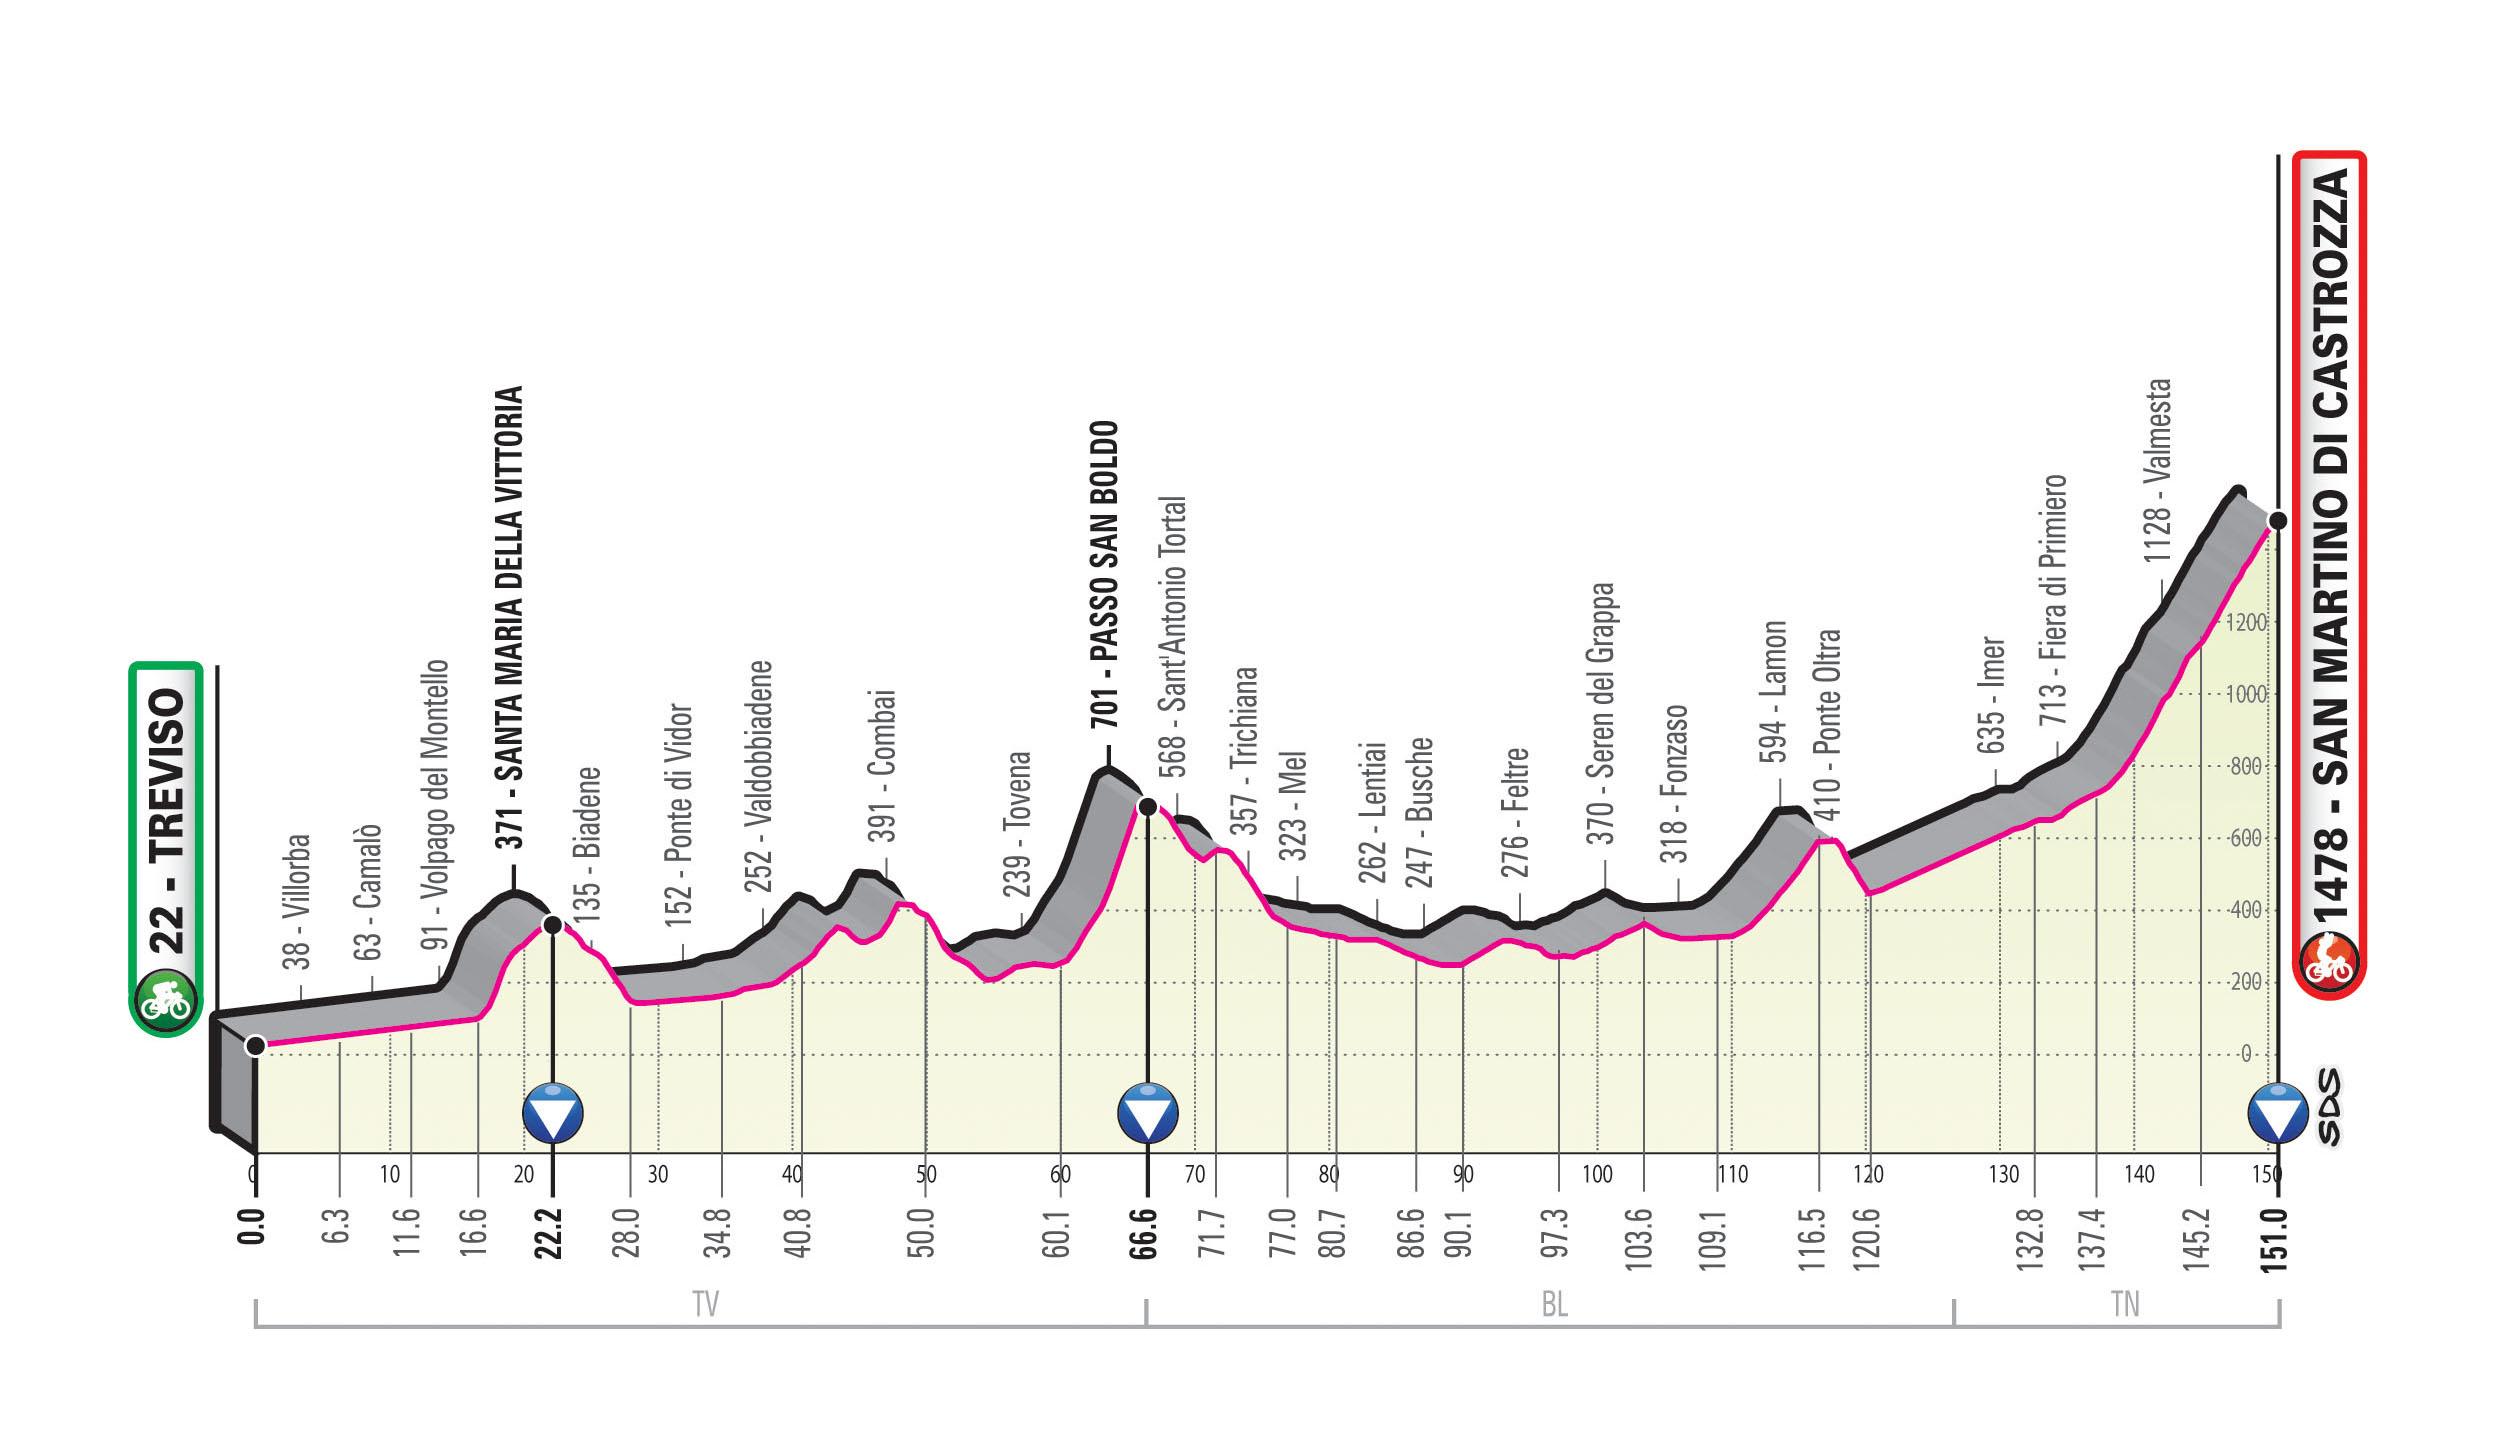 Spoznajmo Giro: Z mislijo na ciljni vzpon